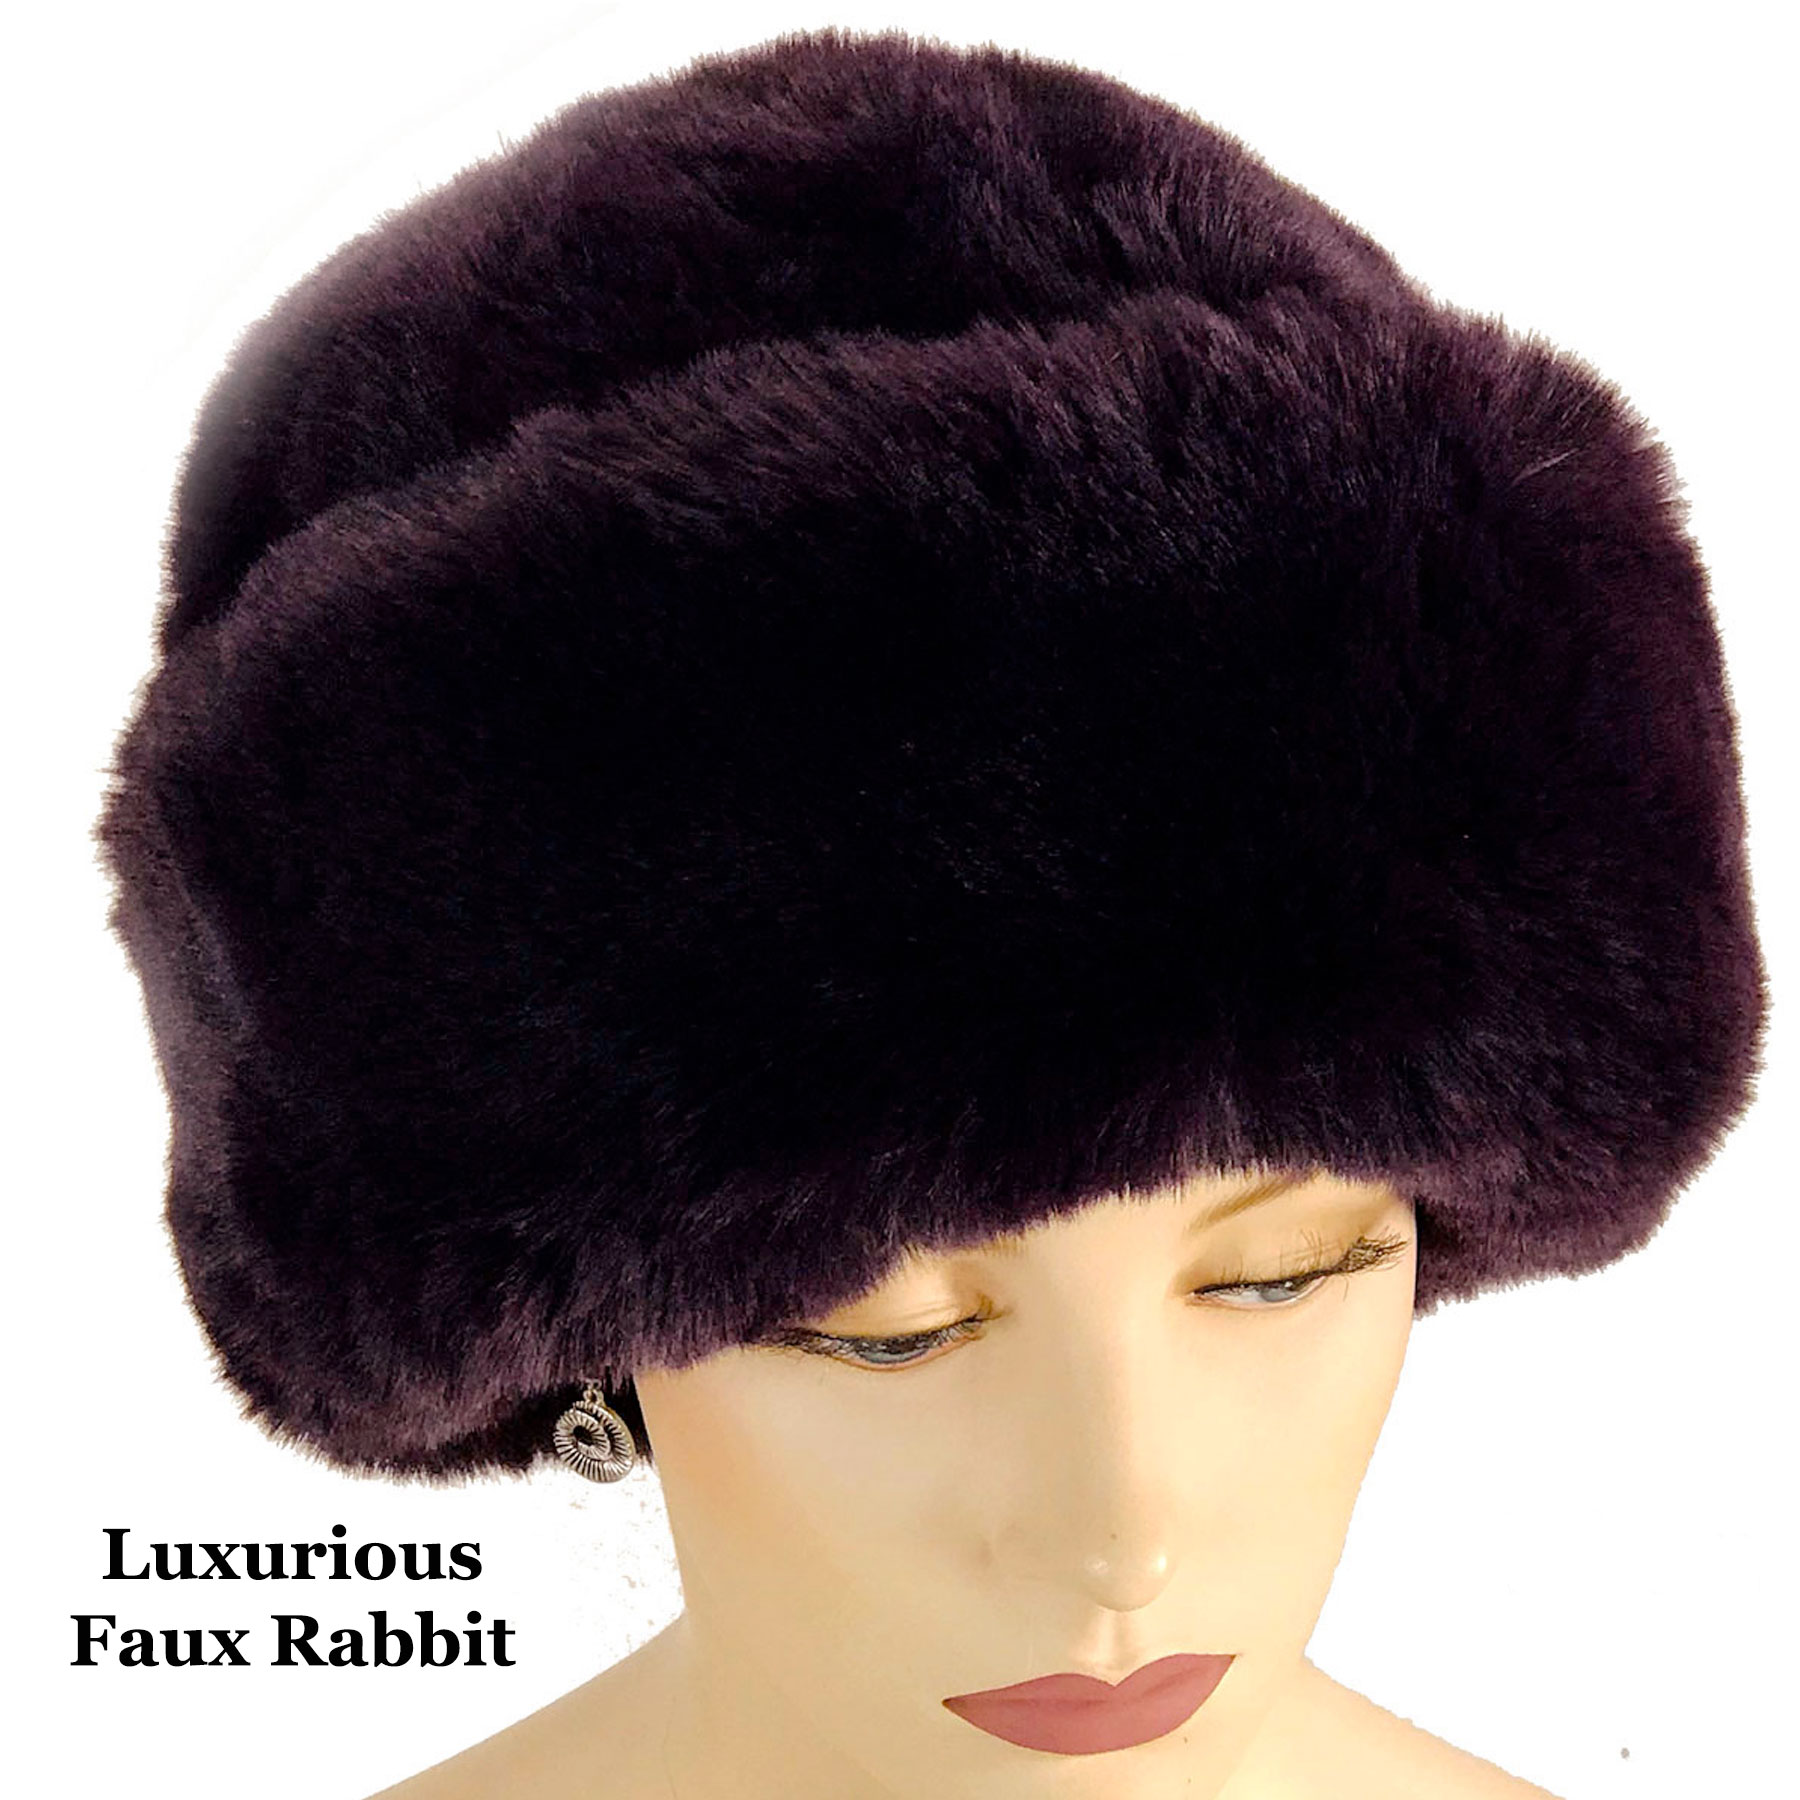 Hats - Faux Rabbit Fur LC03